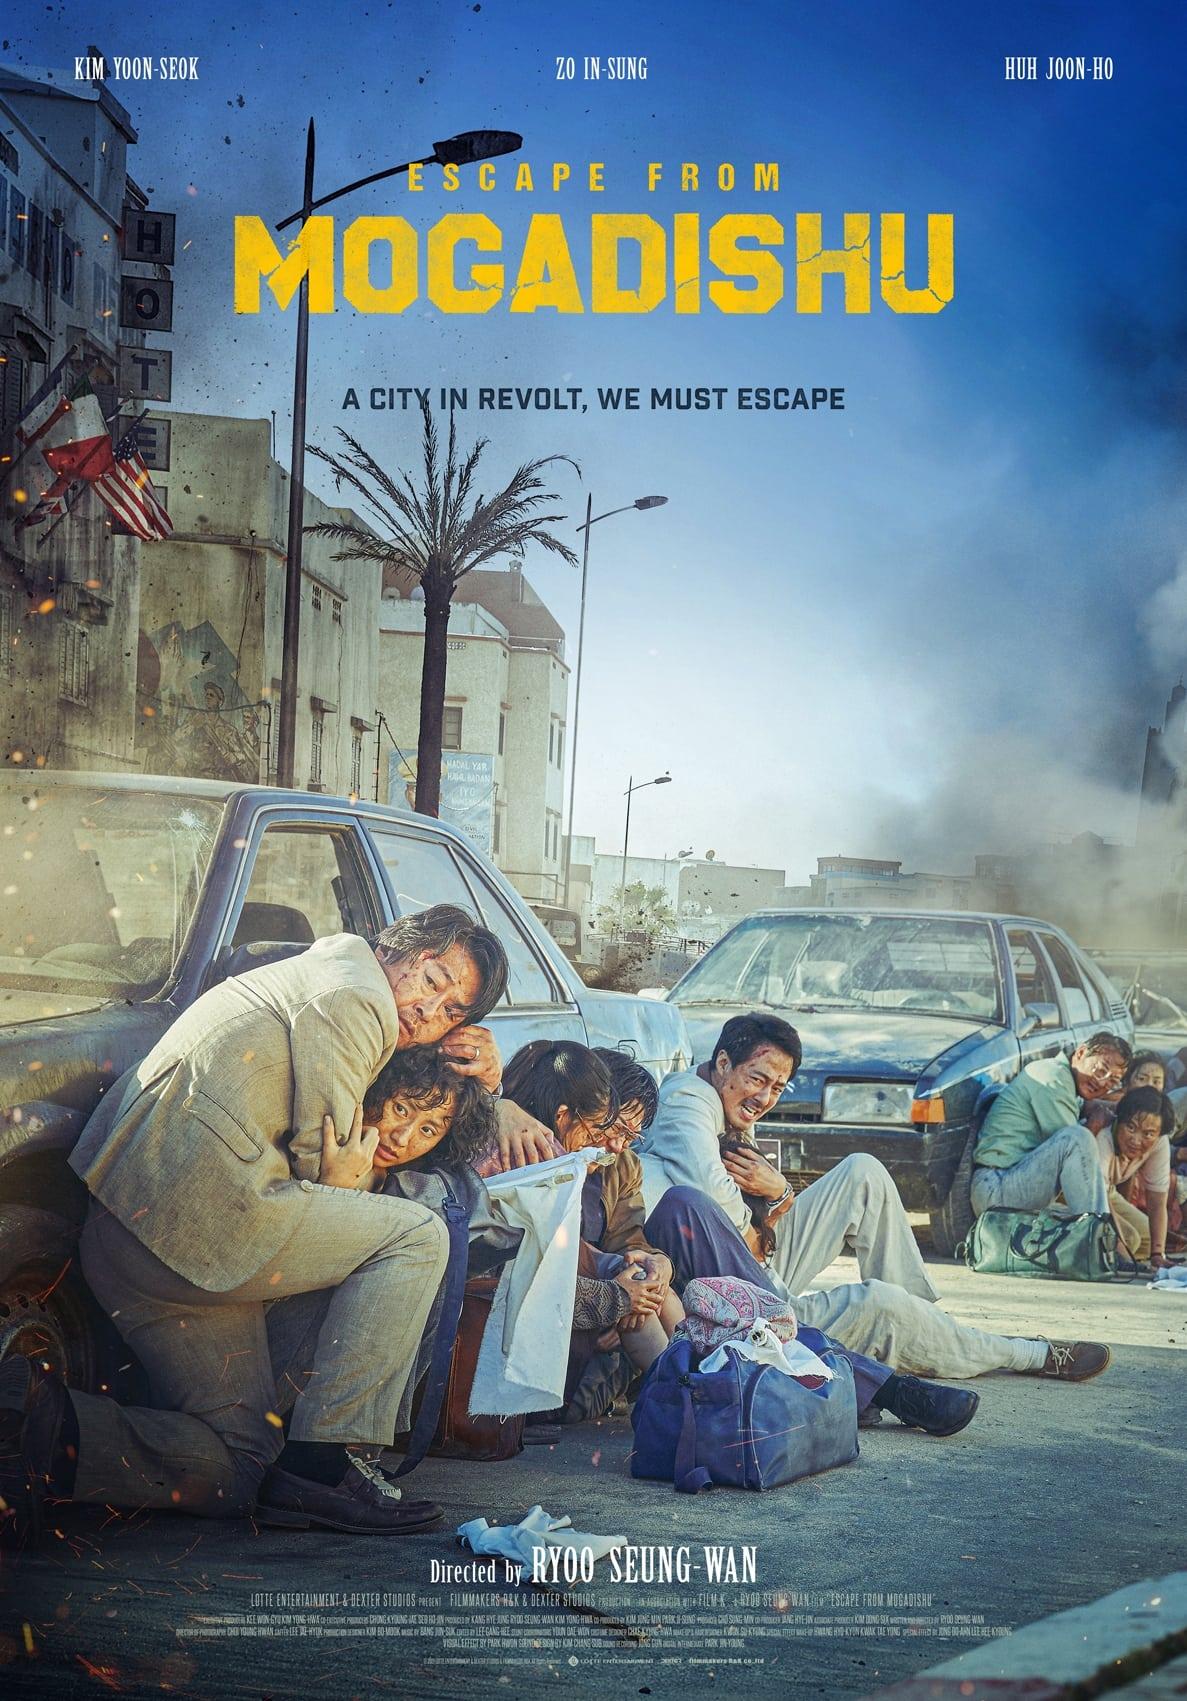 Escape from Mogadishu Poster